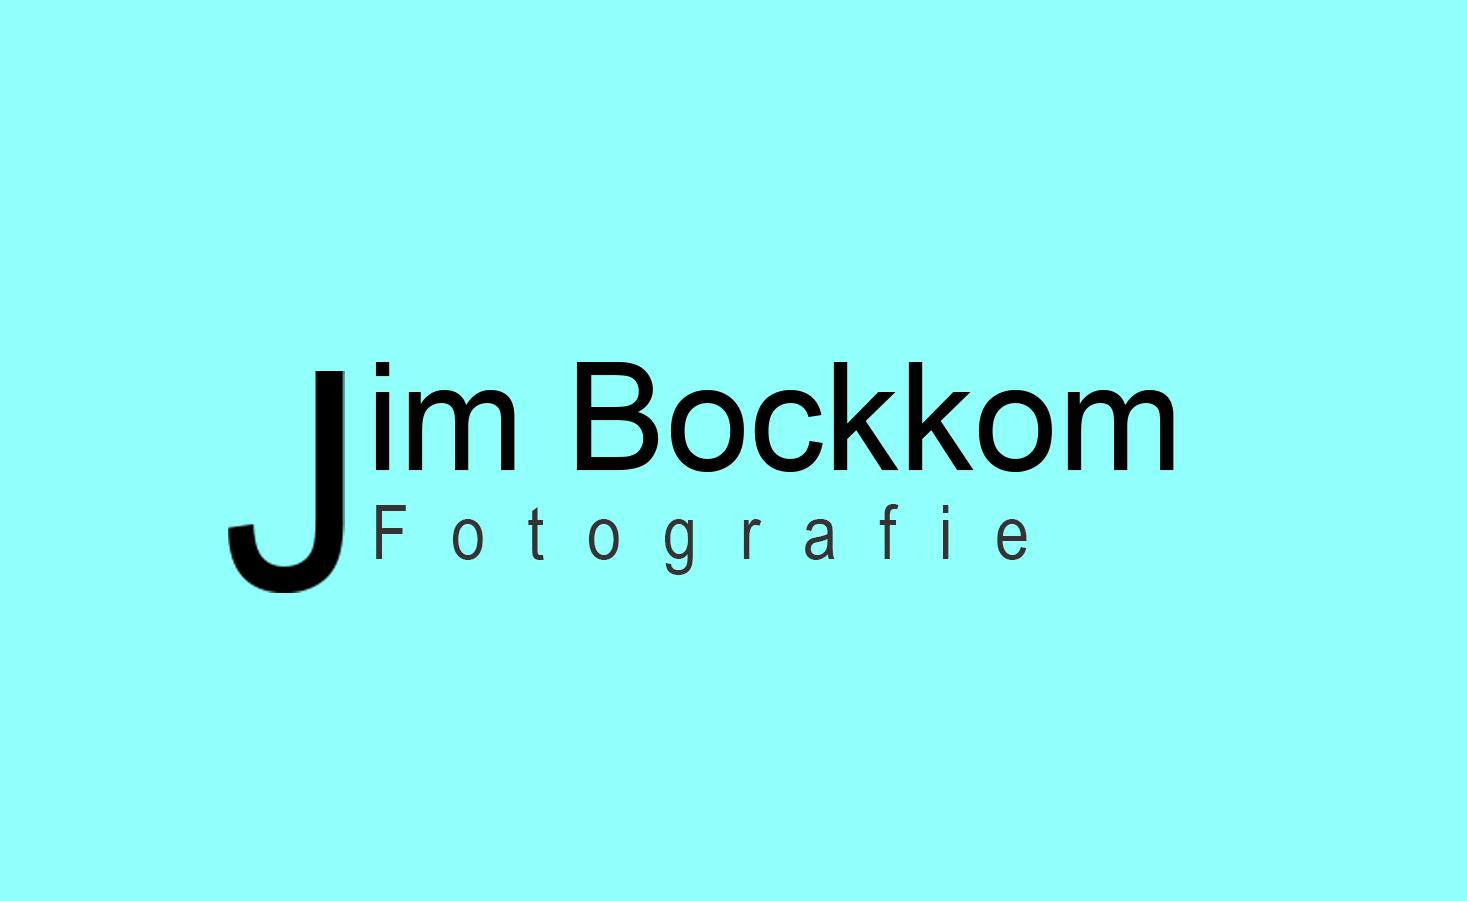 Jim Bockkom